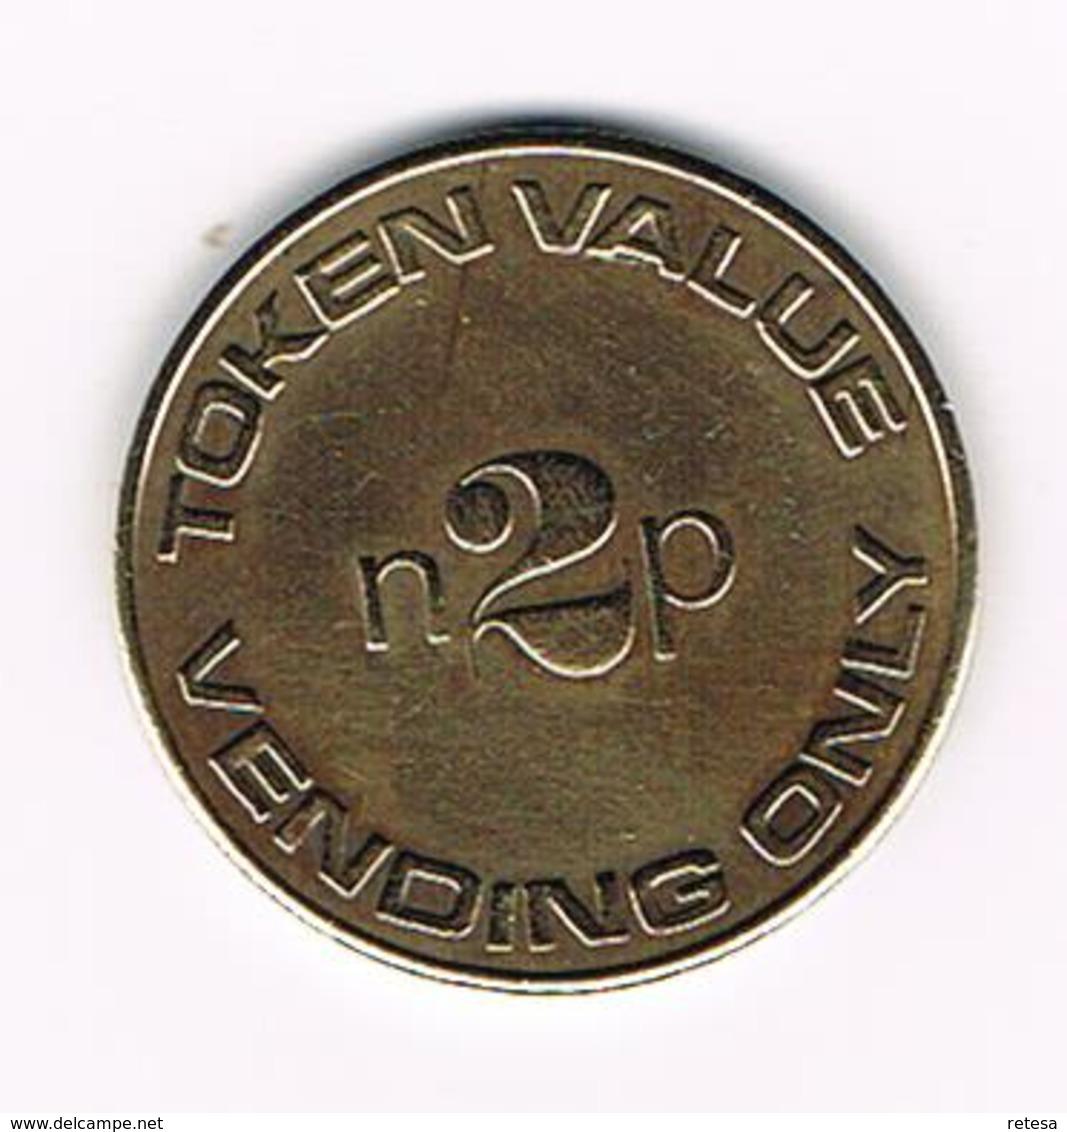 &   TOKEN  VALUE 2 NEW PENNY  VENDING ONLY - Professionnels/De Société